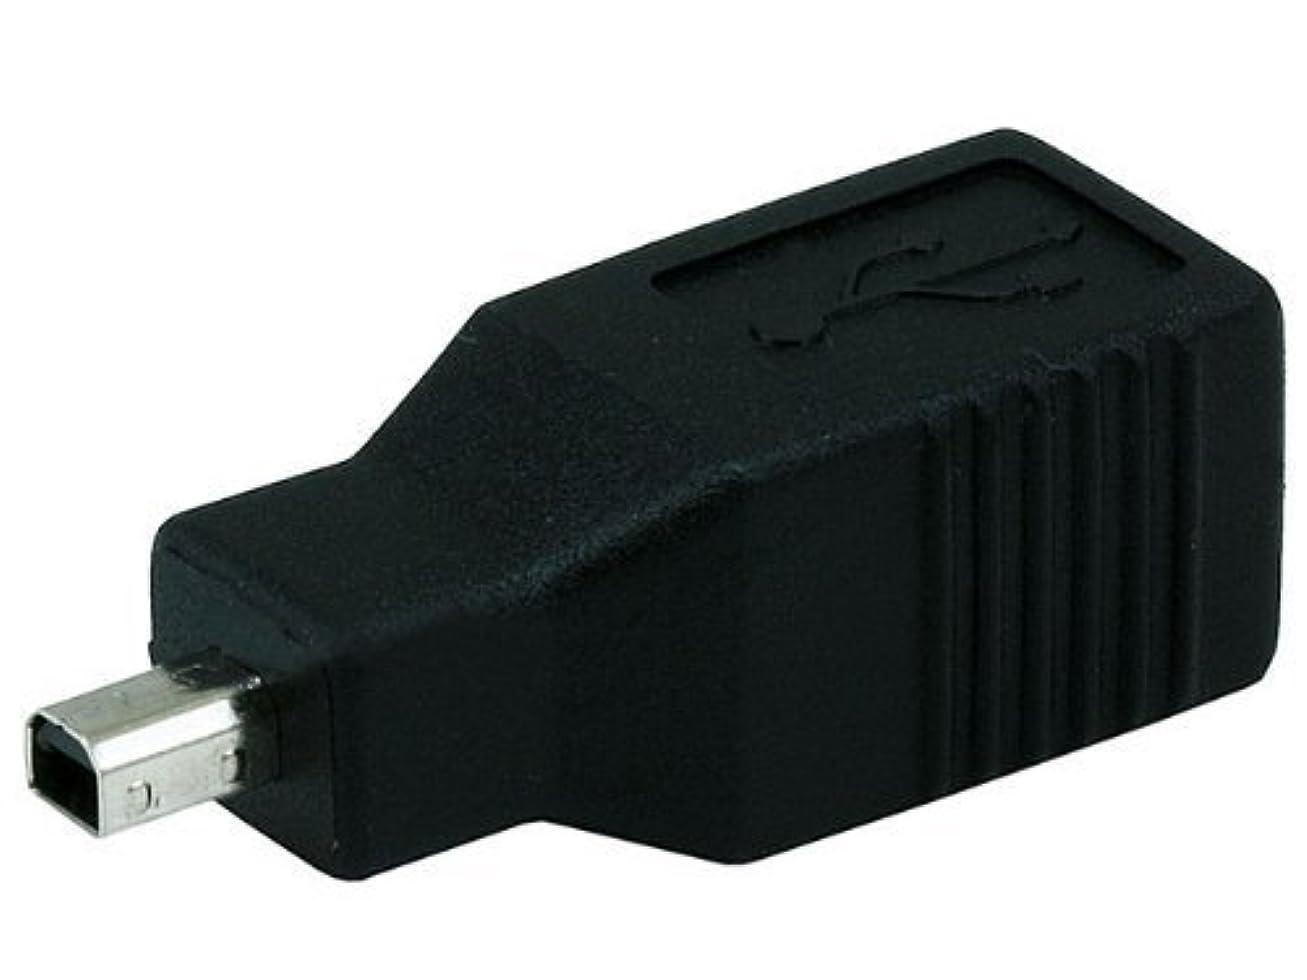 行く確執納税者Monoprice USB 2.0 B Female to Mini 4 pin (B4) Male Adapter (104815) [並行輸入品]